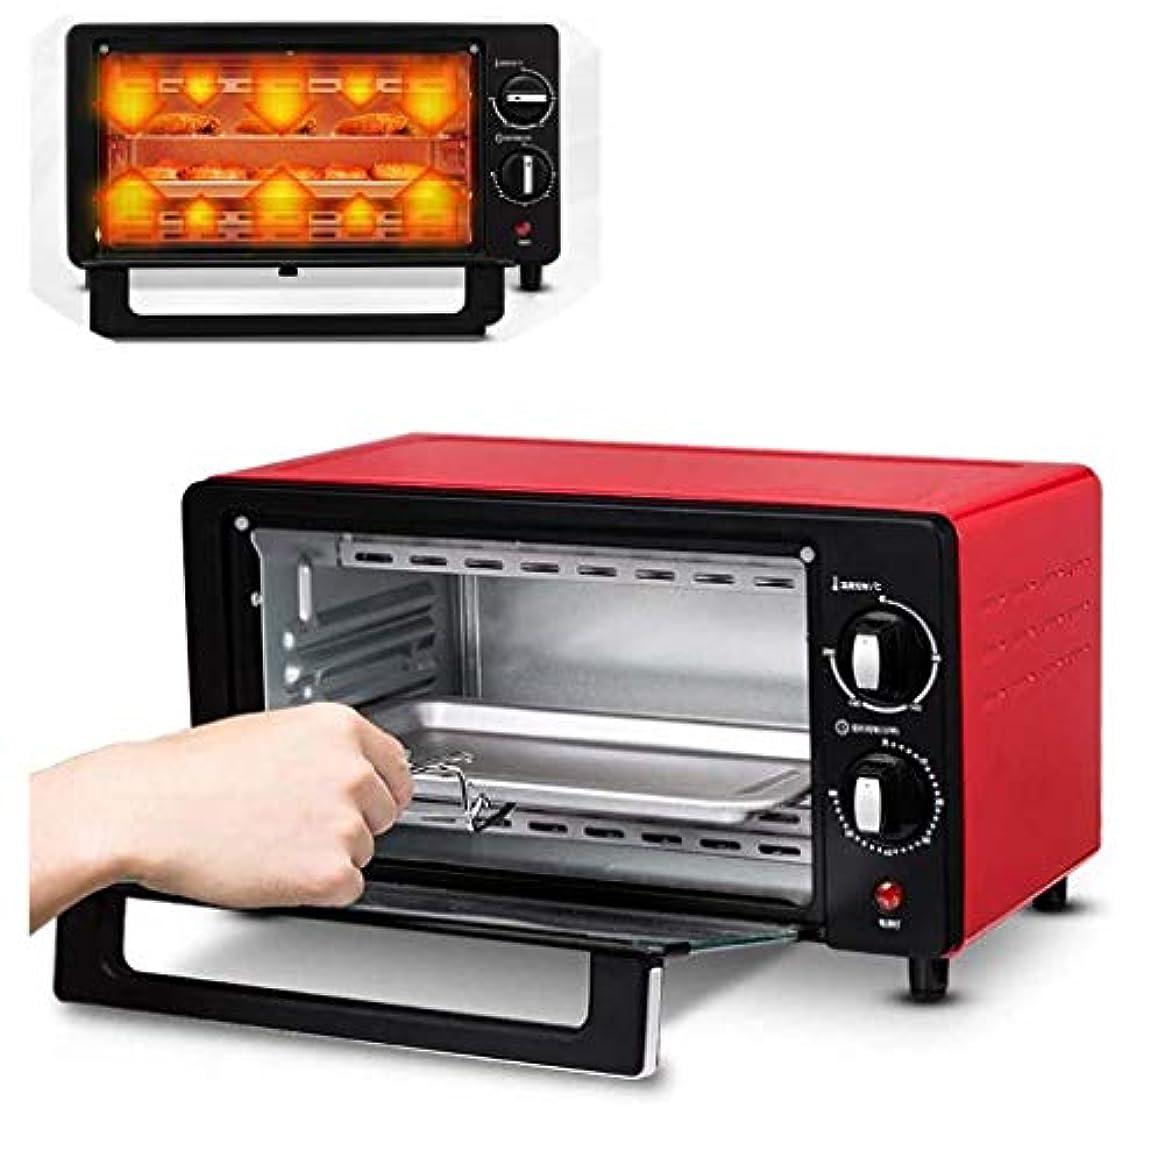 清める見てクリークミニキッチンオーブン電気炊飯器とグリルブラックミニオーブン&グリル、多機能10 l容量電気オーブン60分のタイミング